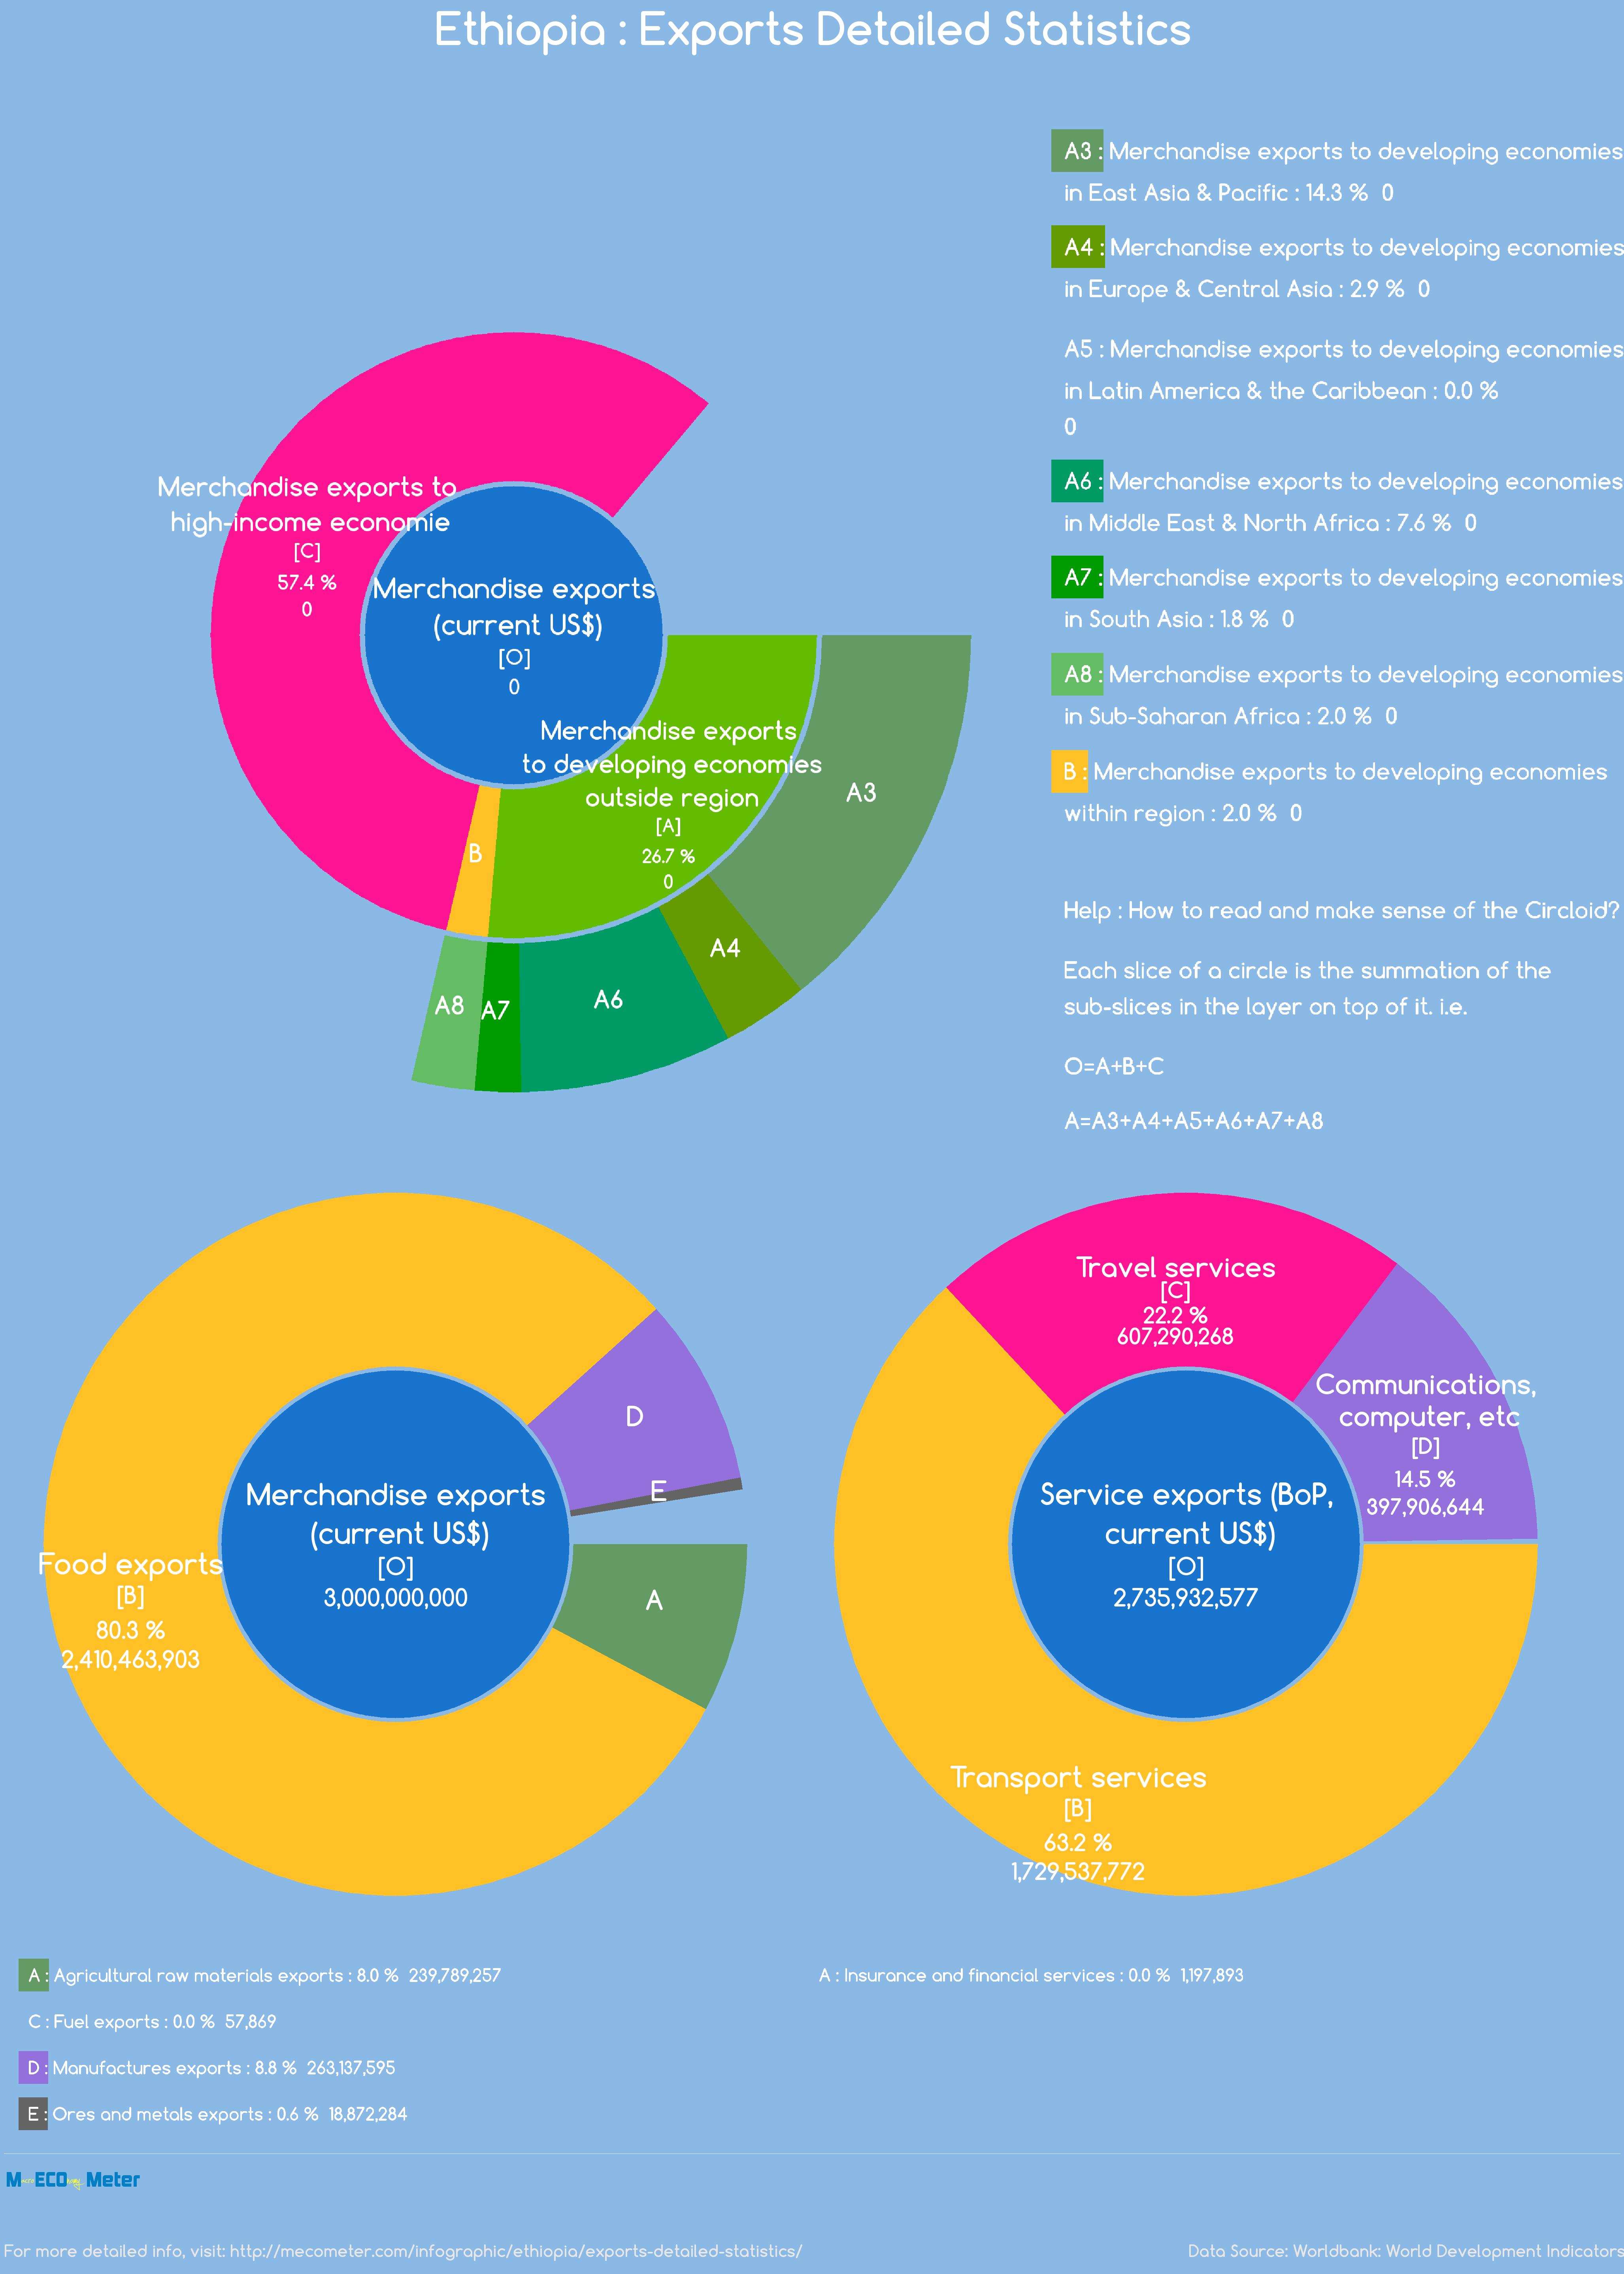 Ethiopia : Exports Detailed Statistics